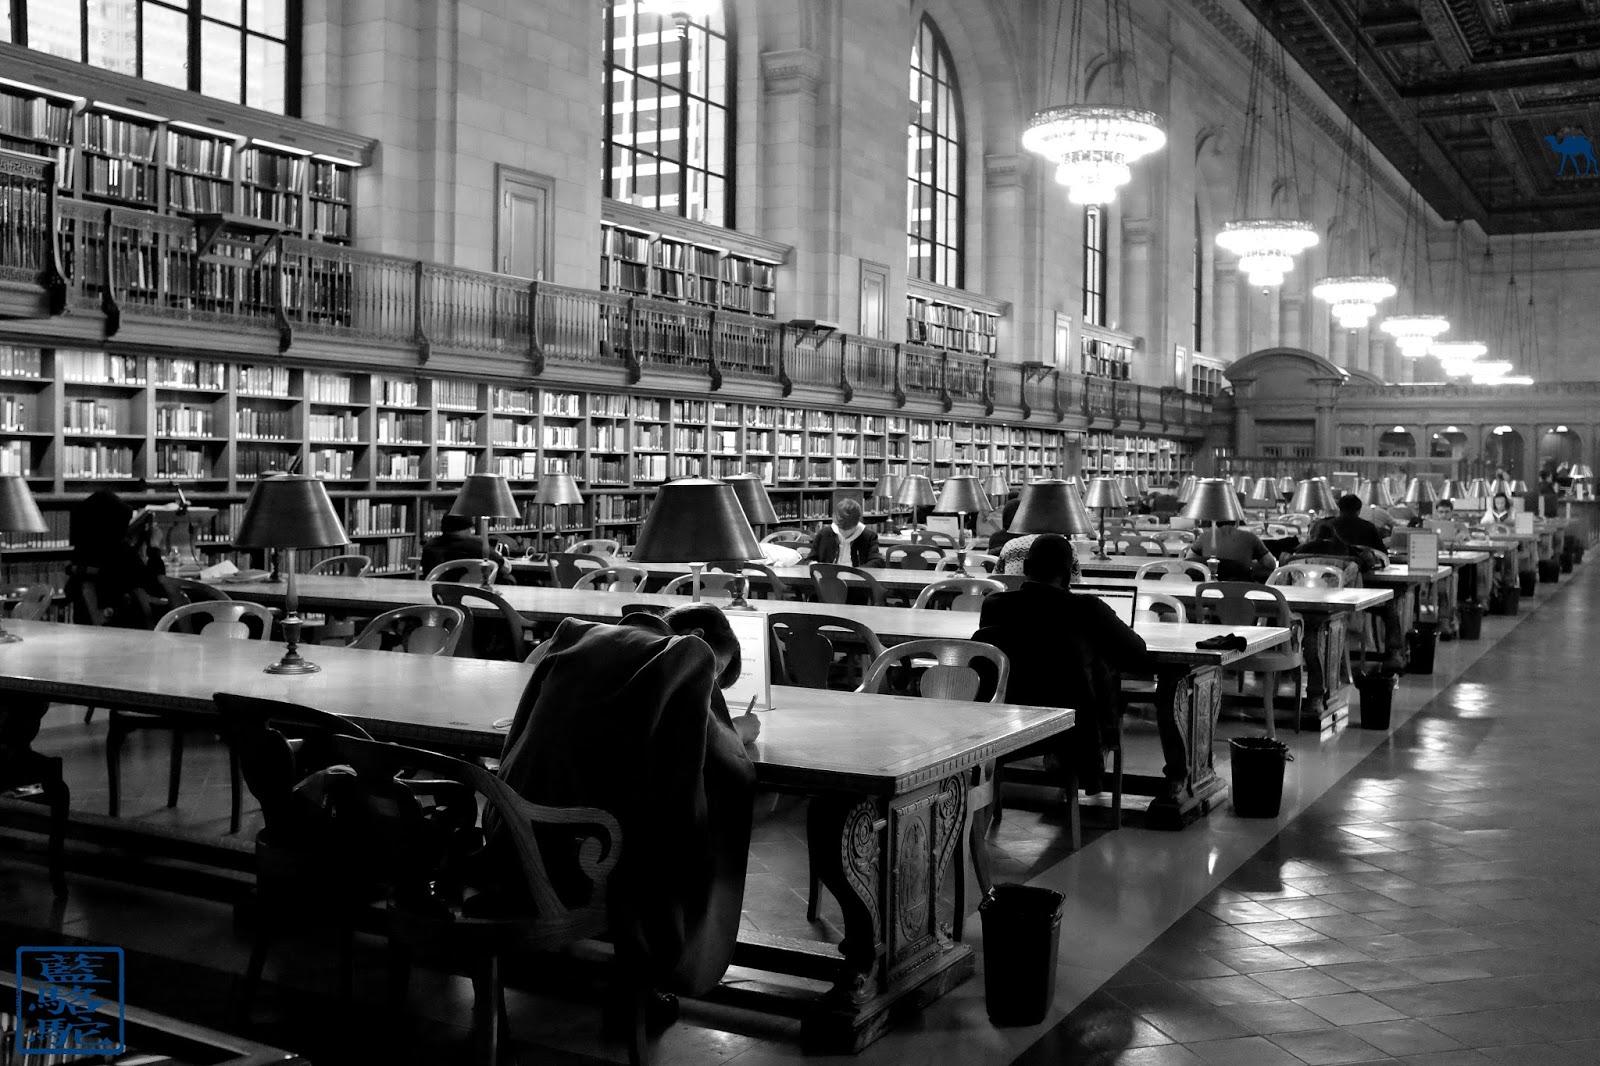 Le Chameau Bleu - Bibliothèque De New York - NYPL